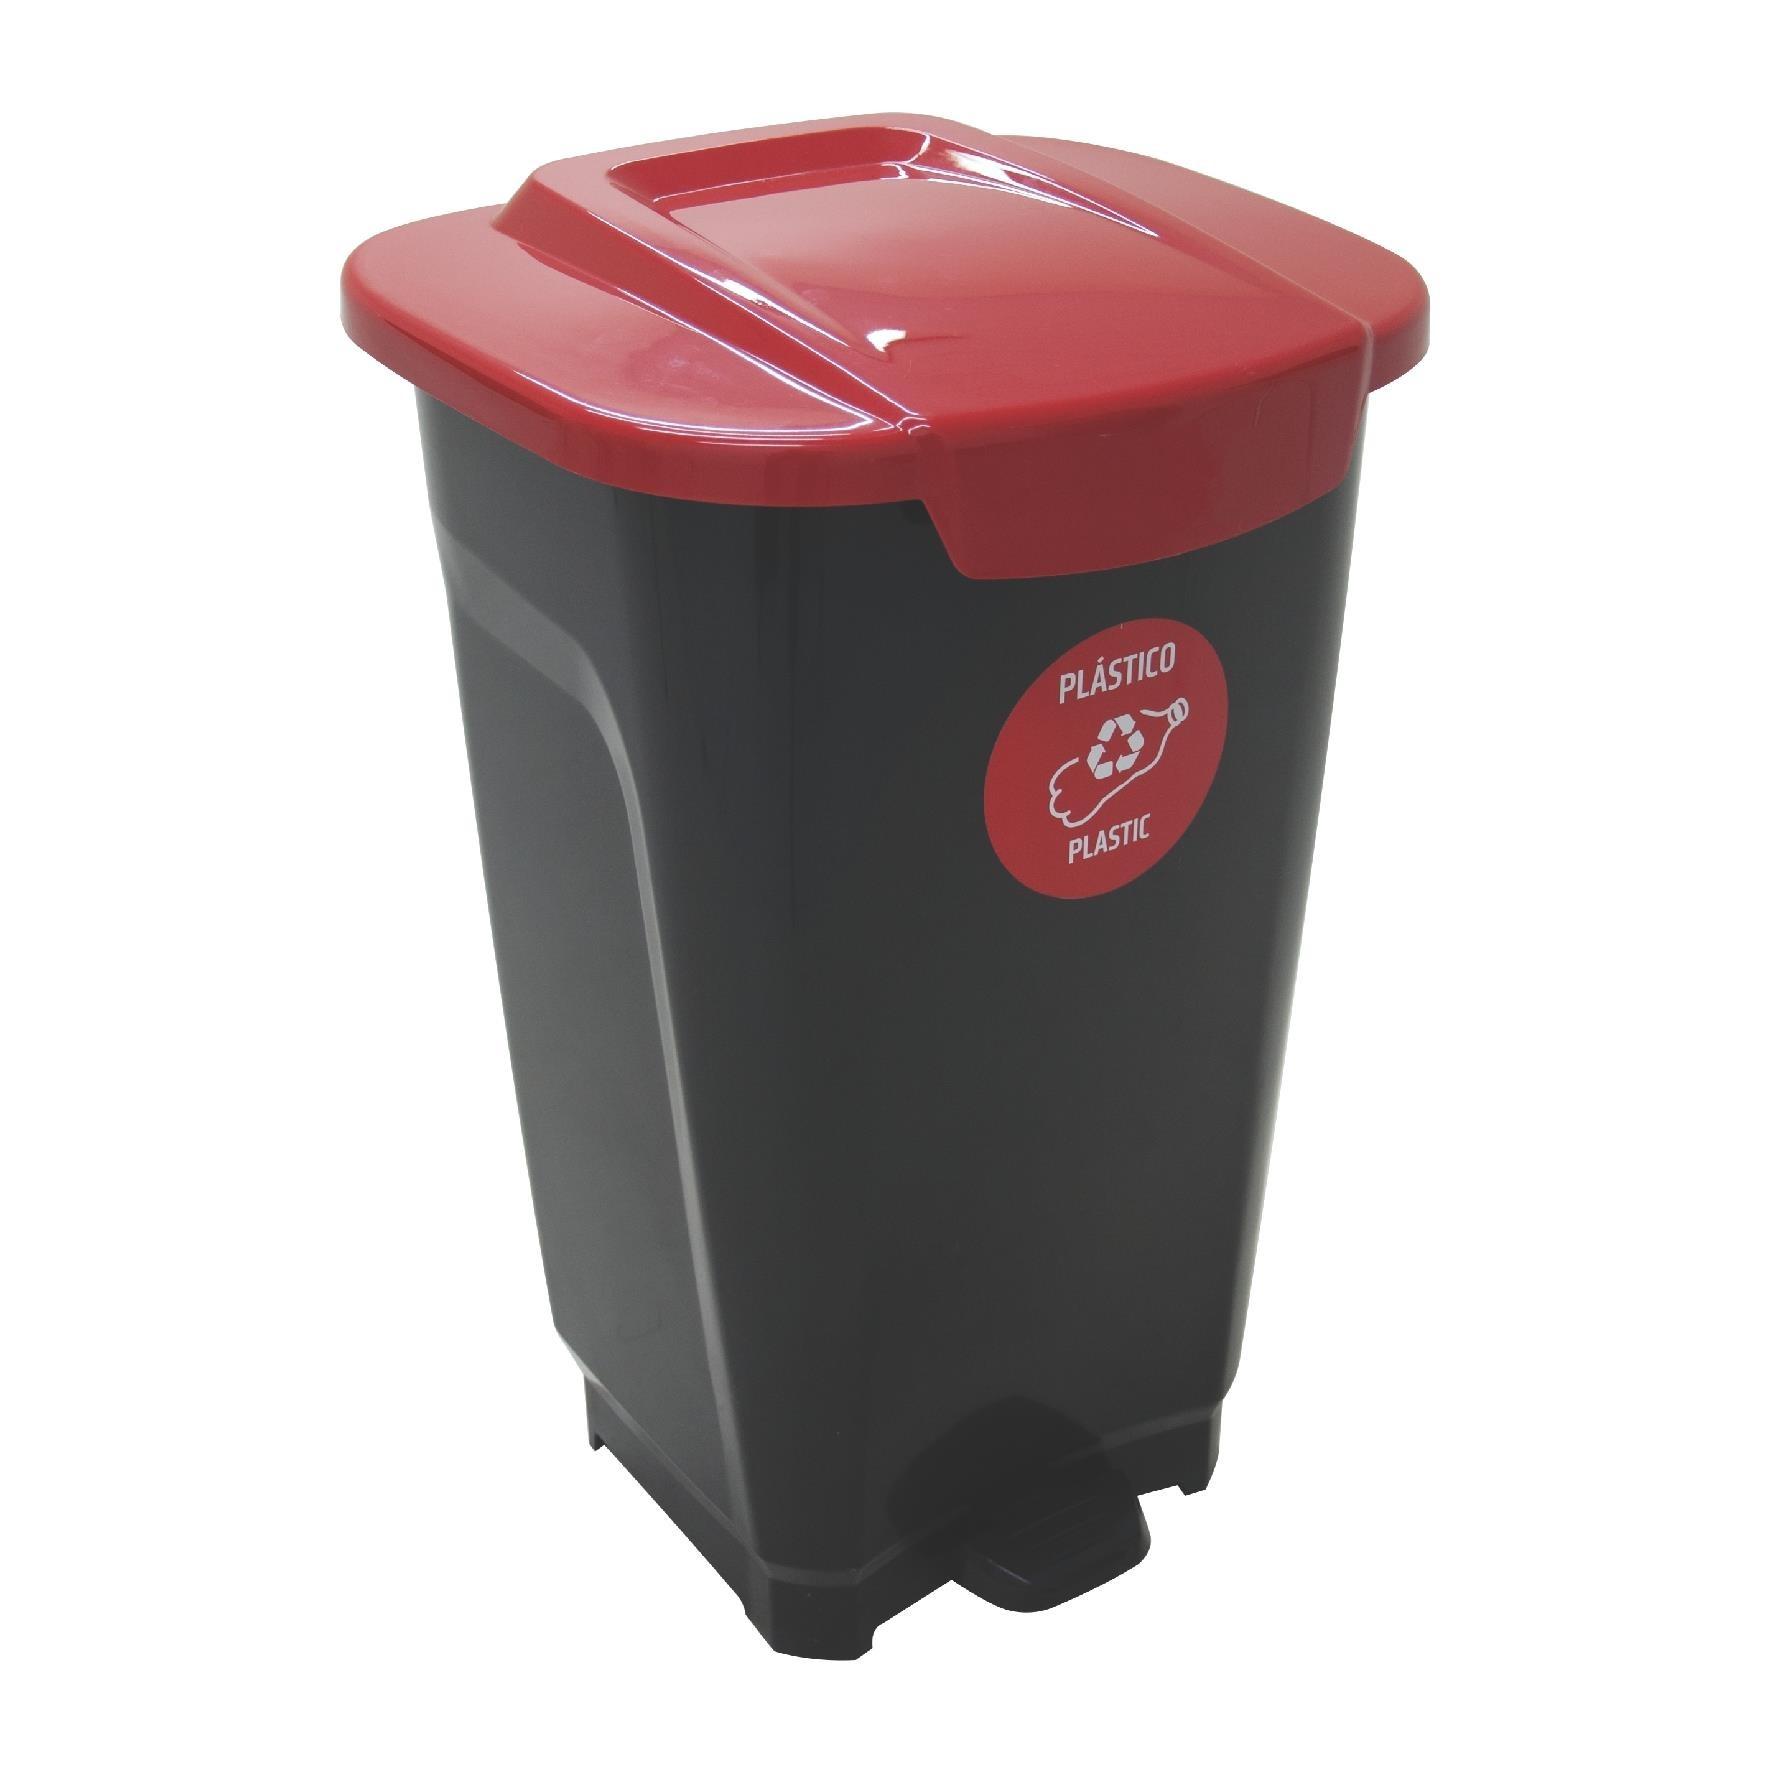 Lixeira de Plastico com Pedal 50L Vermelha - Tramontina